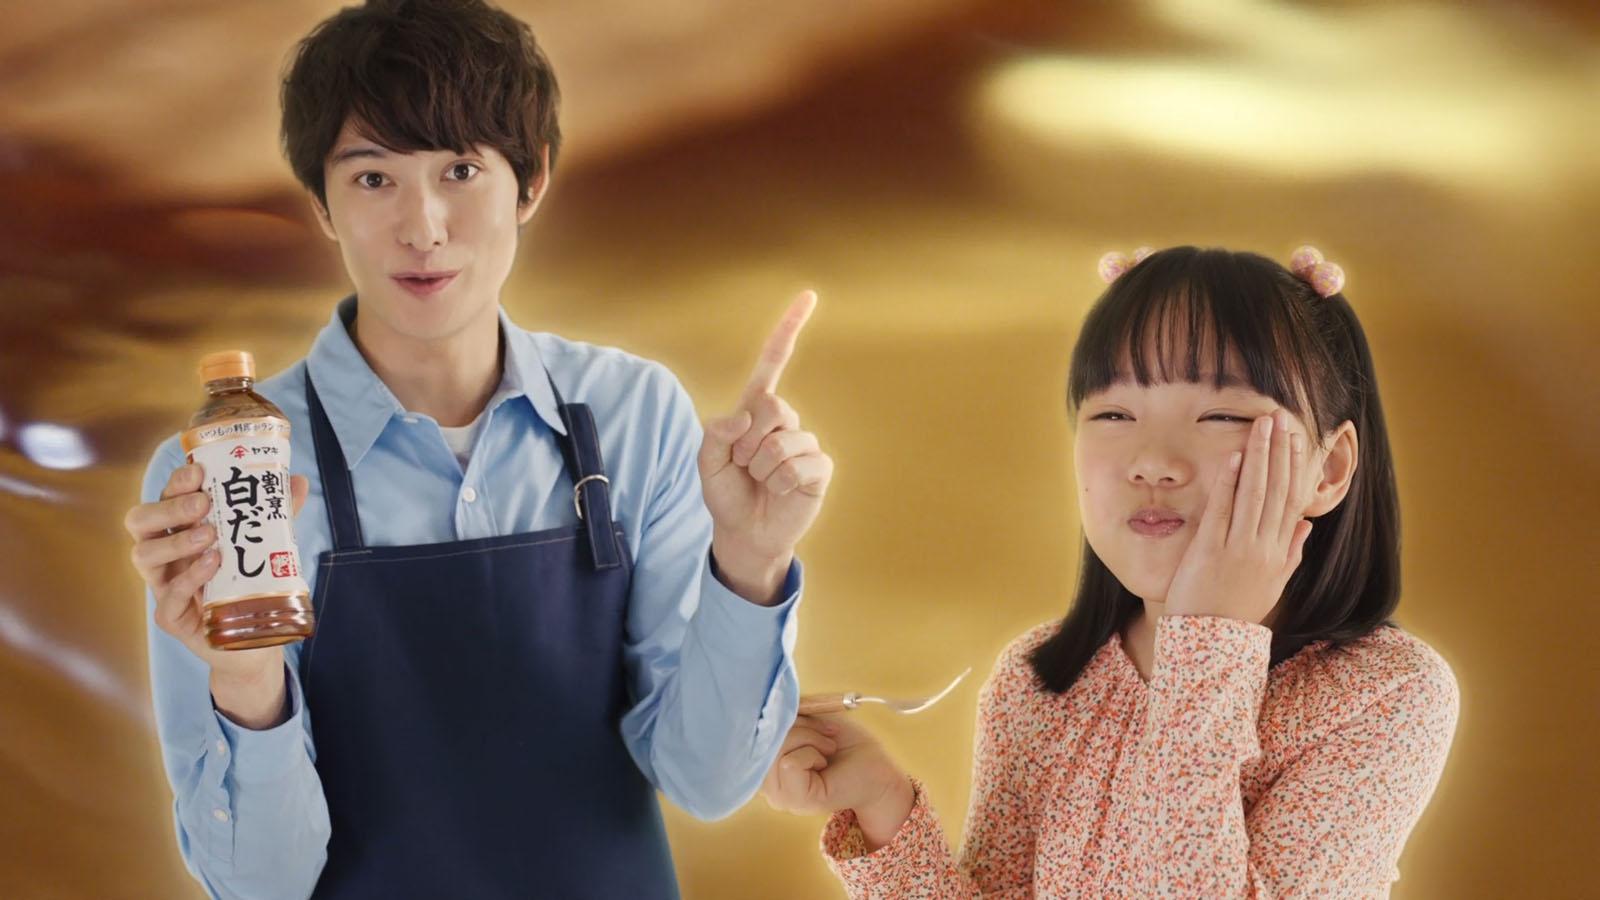 岡田将生、姪っ子(粟野咲莉)に料理を振る舞う 「割烹白だし」新CM